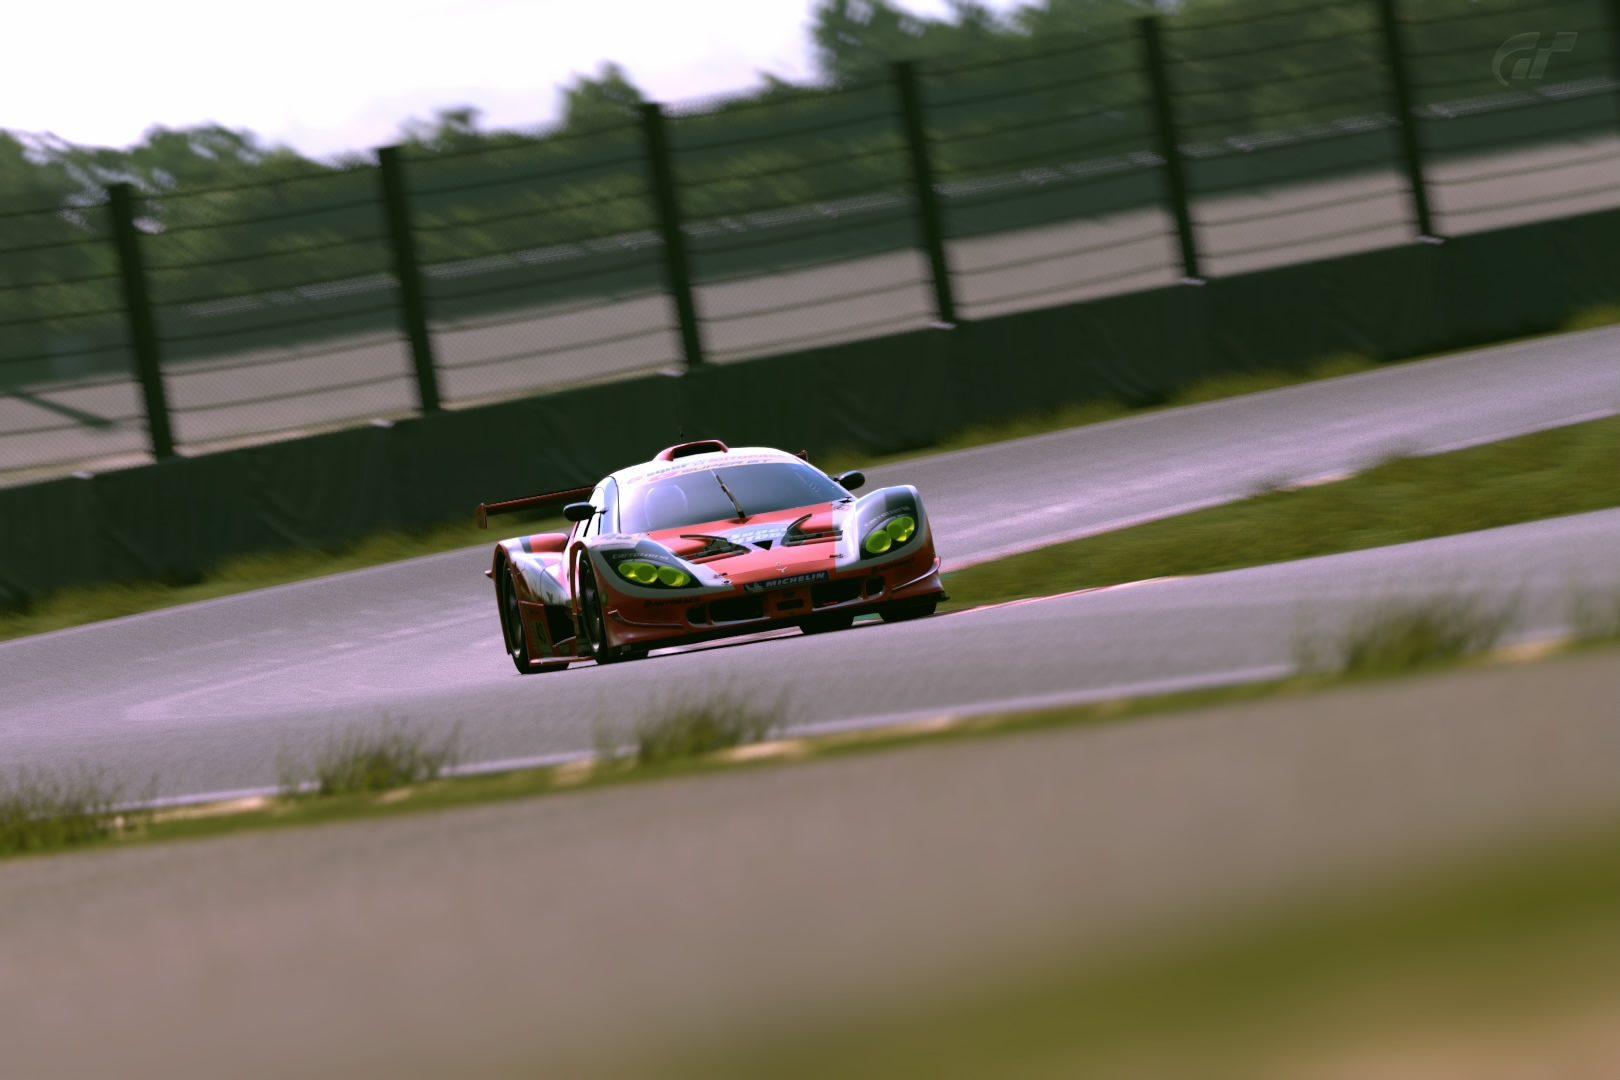 Autobacs ARTA Garaiya '08 (Car).jpg